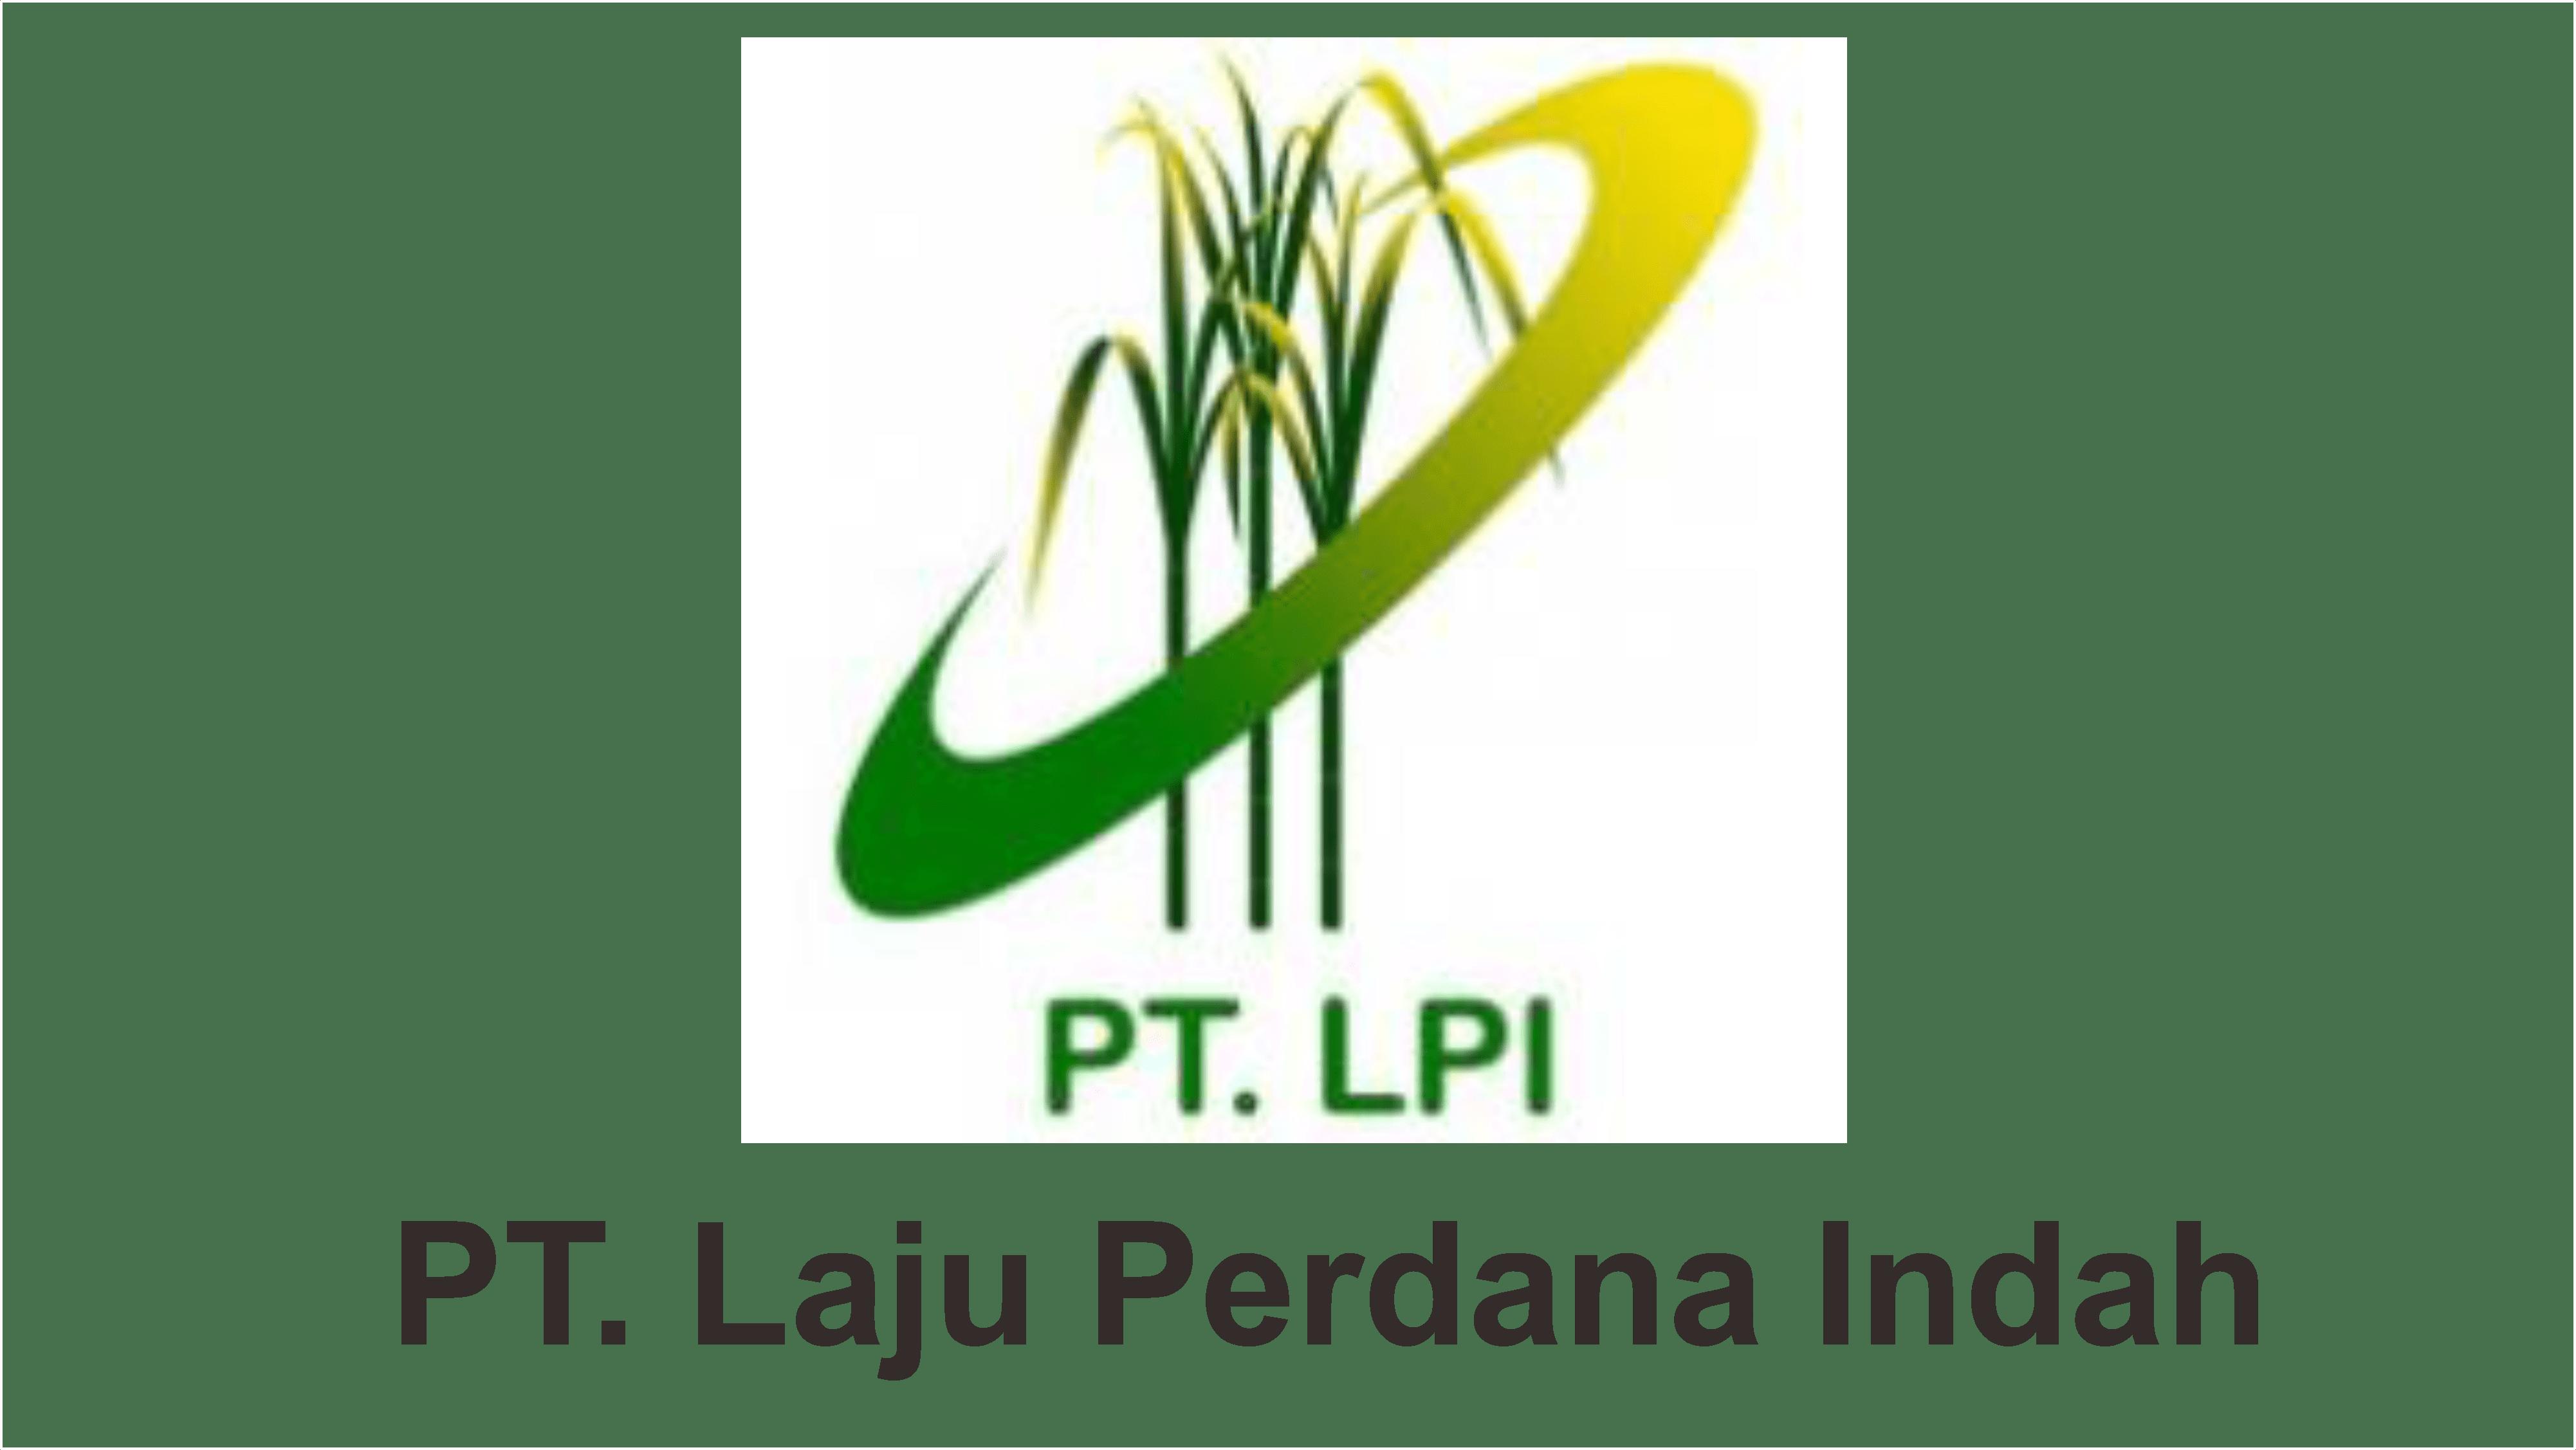 PT. Laju Perdana Indah